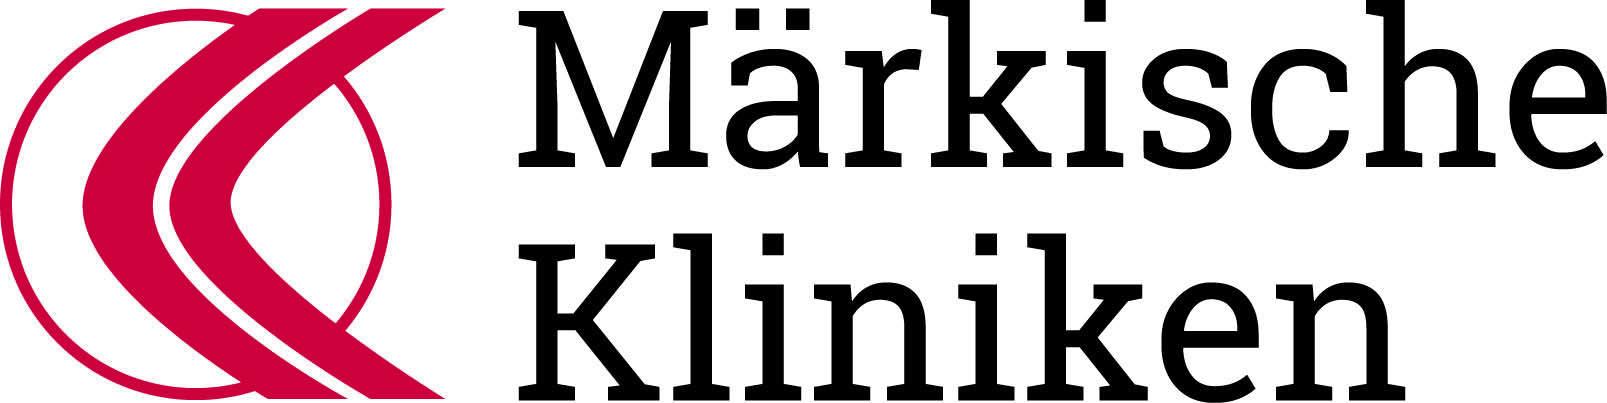 Maerkische Kliniken GmbH